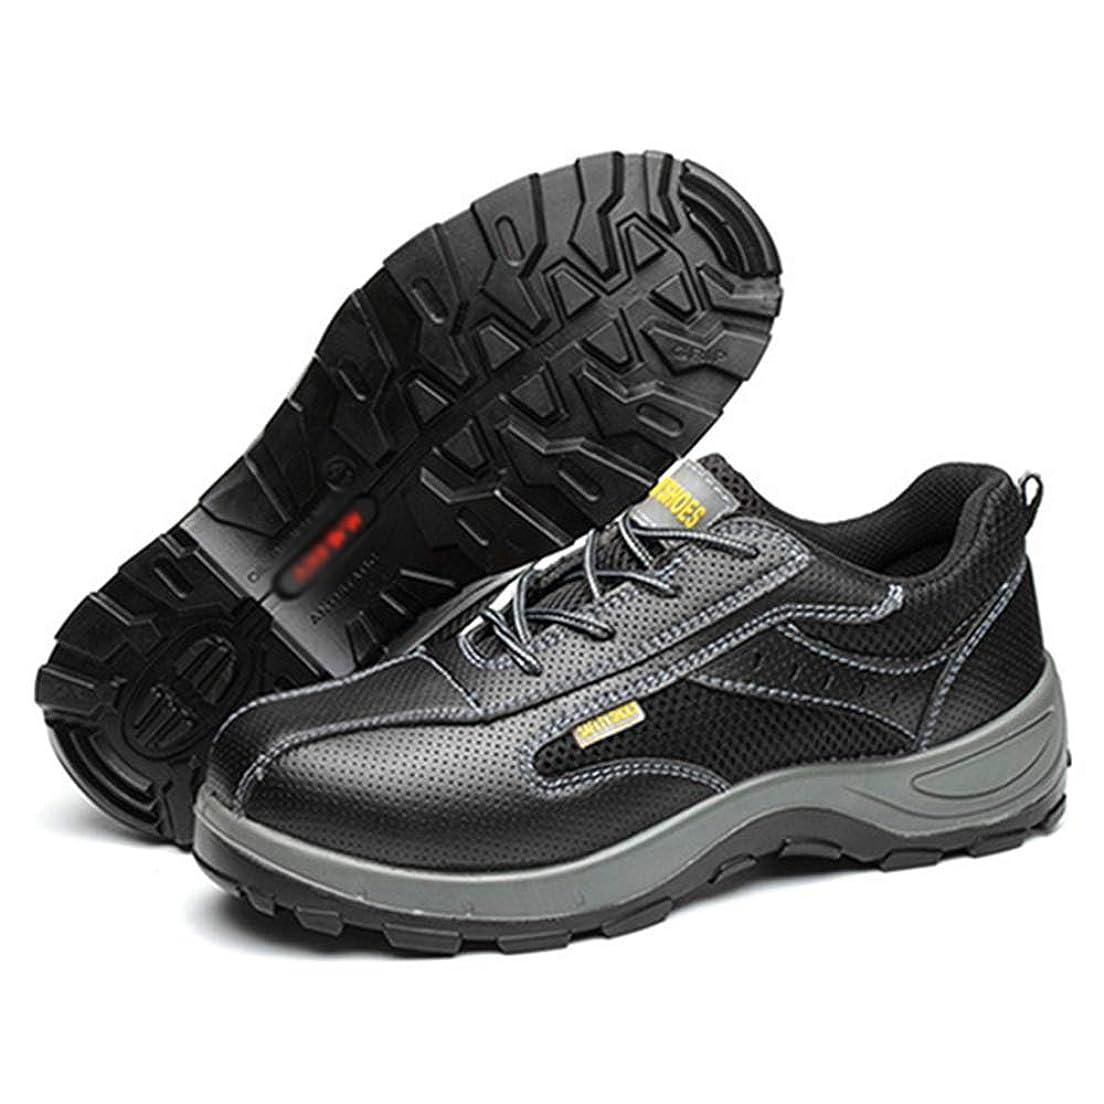 市の花分離章安全靴 作業靴 メンズ ブーツ スエード レースアップ 通気性 耐滑 絶縁 耐油 つまさき保護 先芯入り 蒸れない 涼しい 快適 滑らない 四季通用 釘防止 鋼片付き 靴底防護 耐摩耗 二層底 歩きやすい 黒